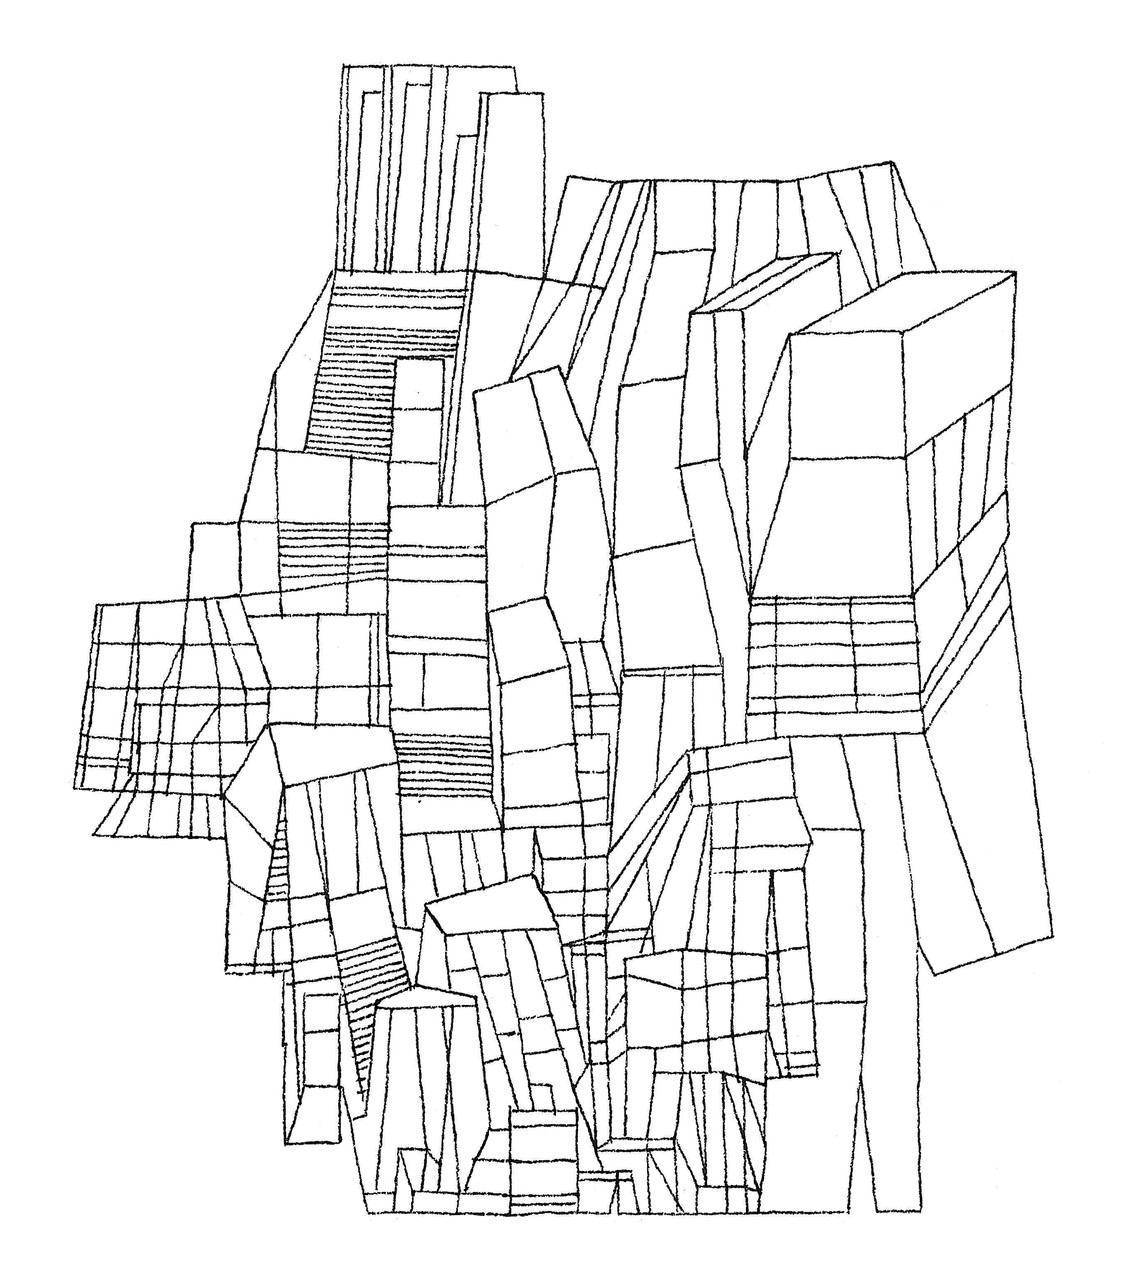 UTTARAYAN  « Flat city » détail (cb édit) - 2013 Pilot Vball 5 sur papier Arches grain fin 300g / 18x26cm